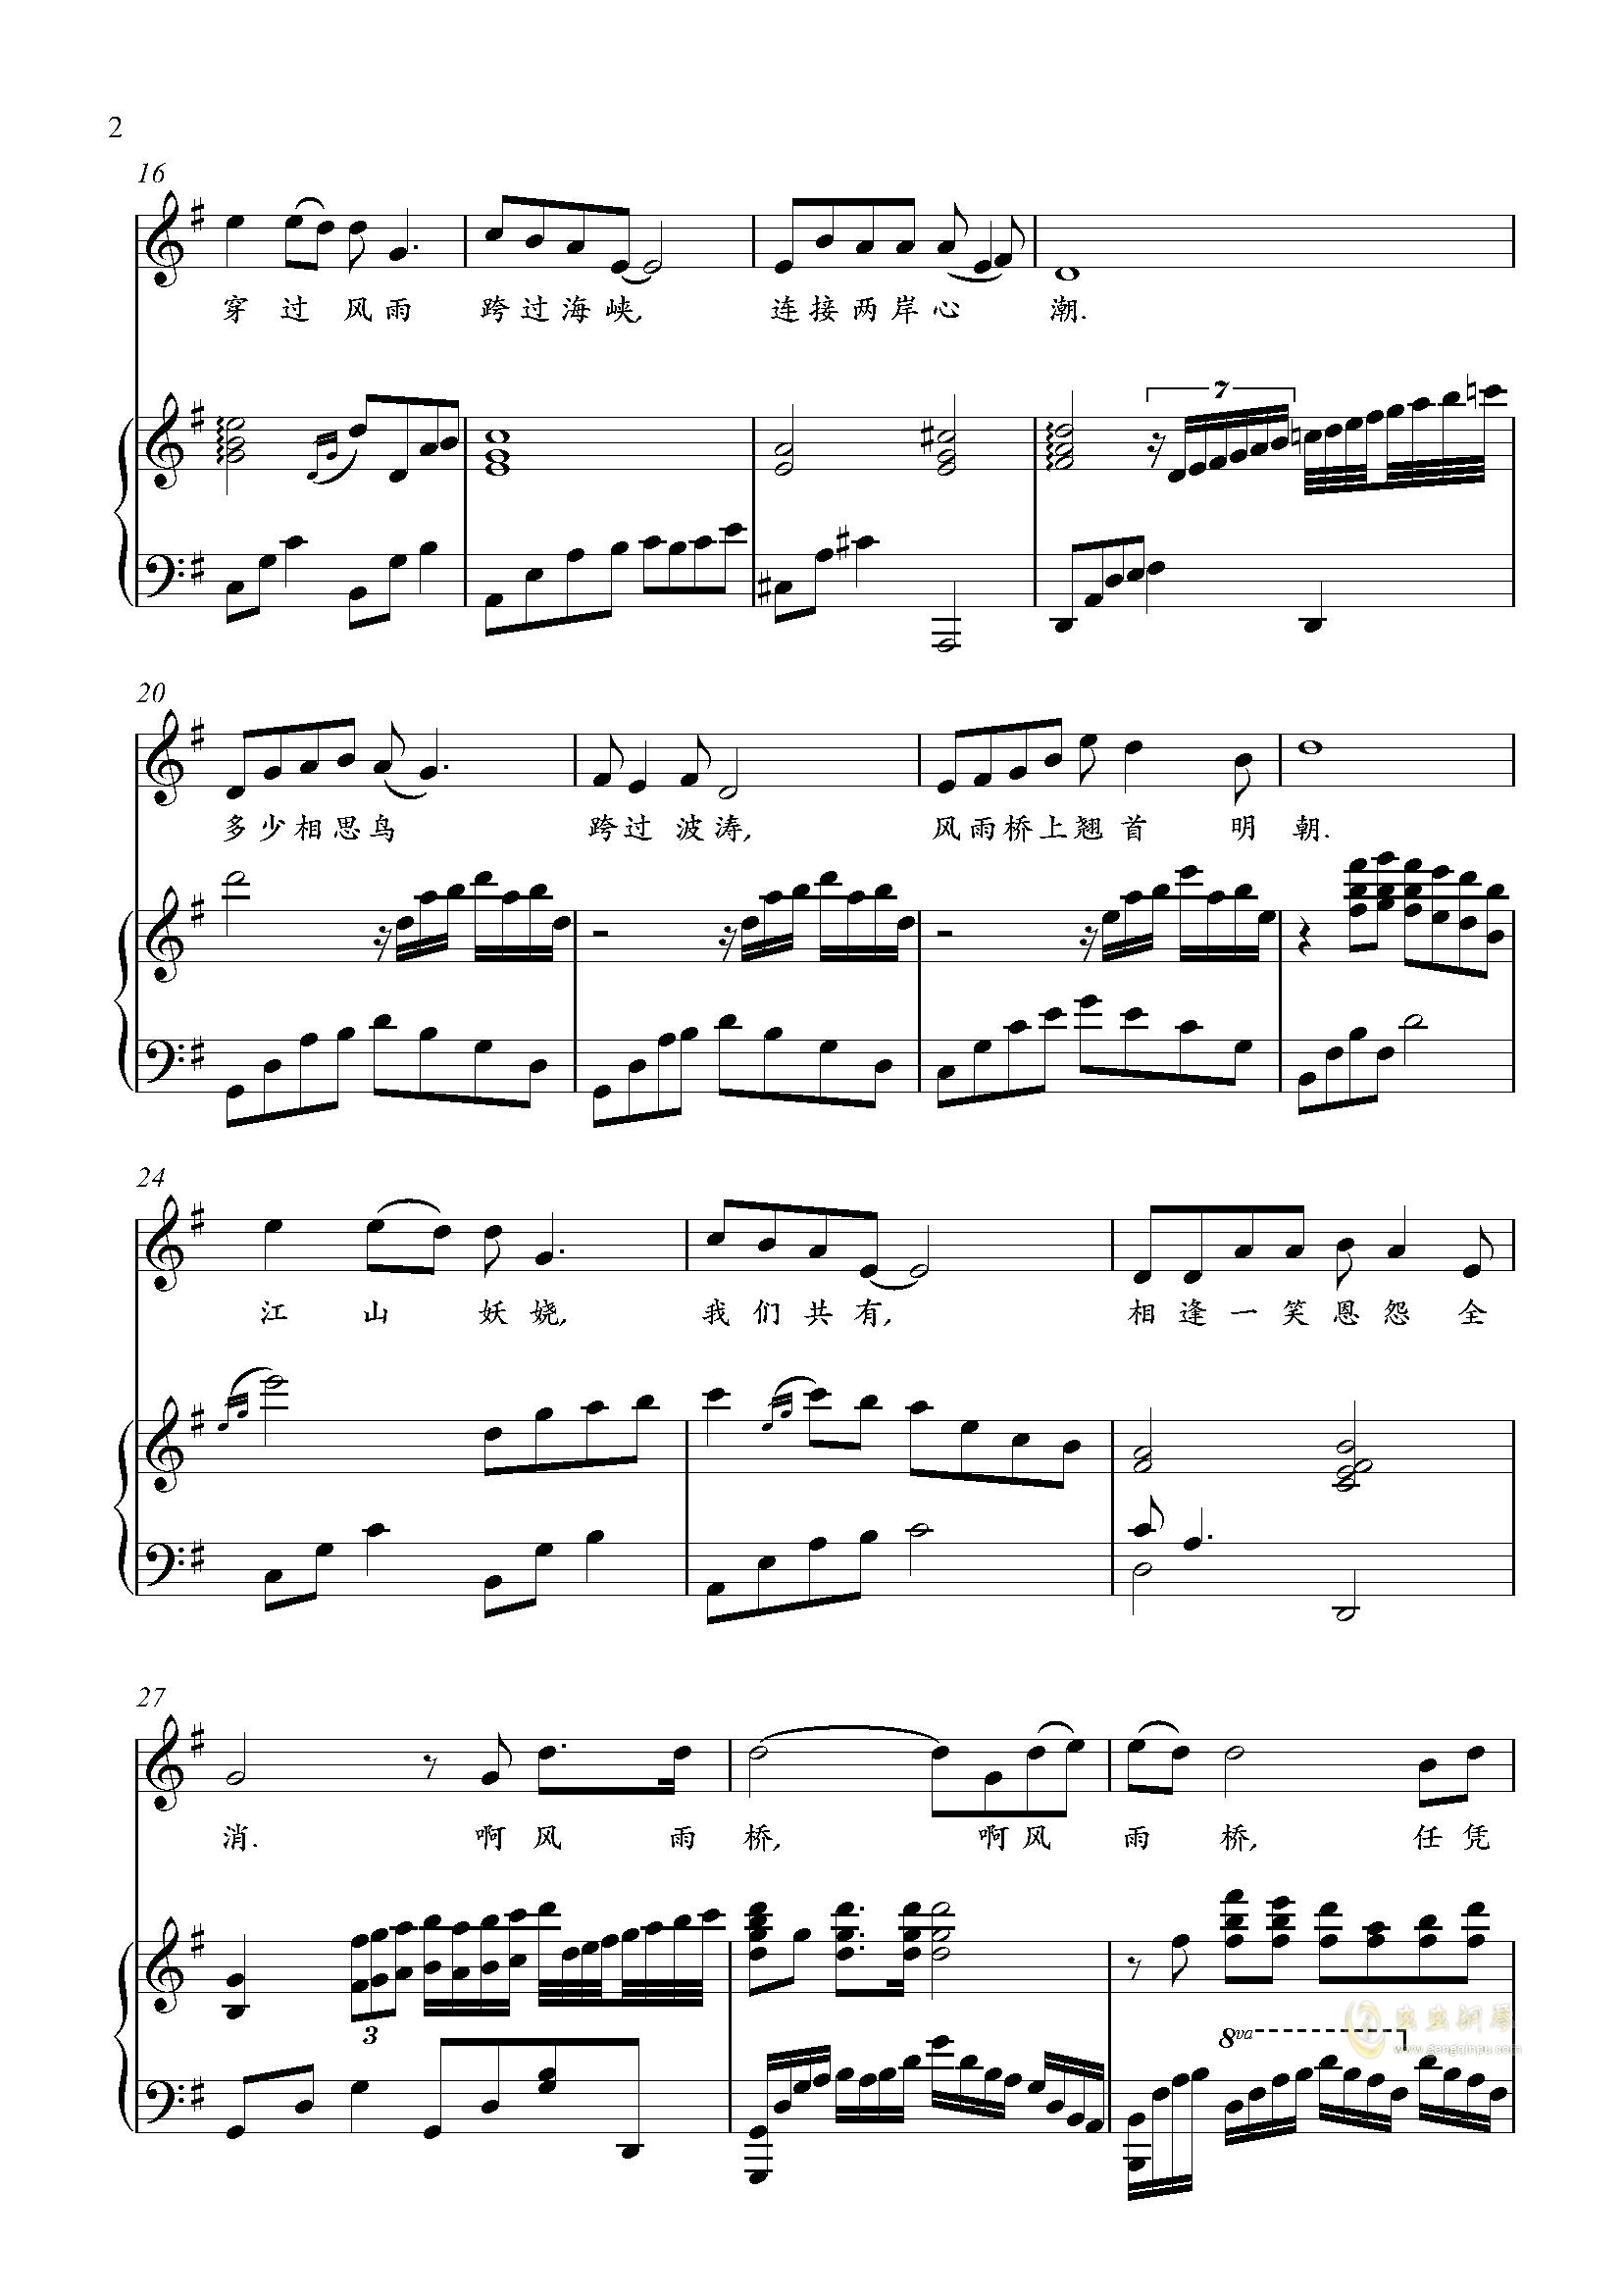 风雨桥钢琴谱 第2页